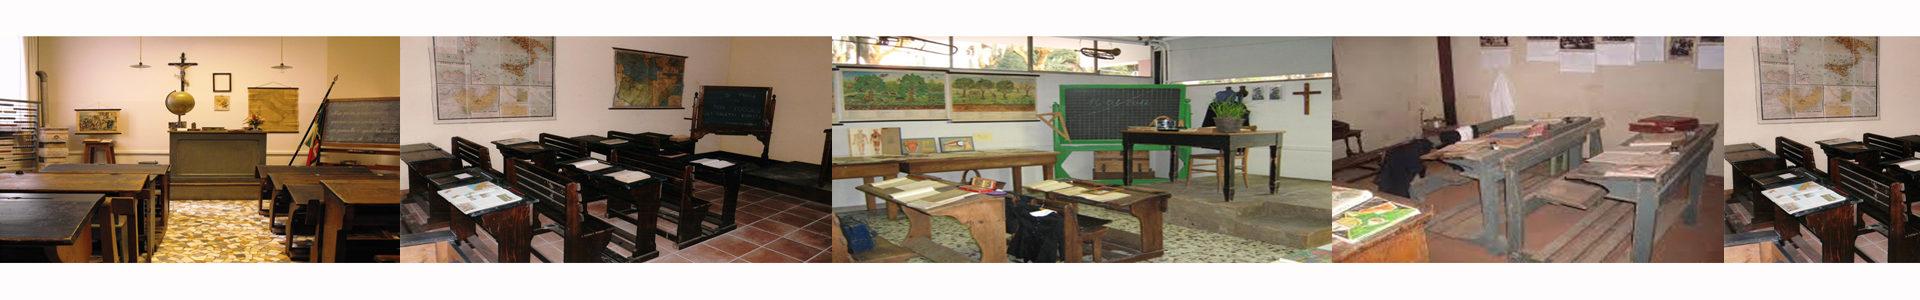 CTS Pavia - Scuola Polo per l'inclusione